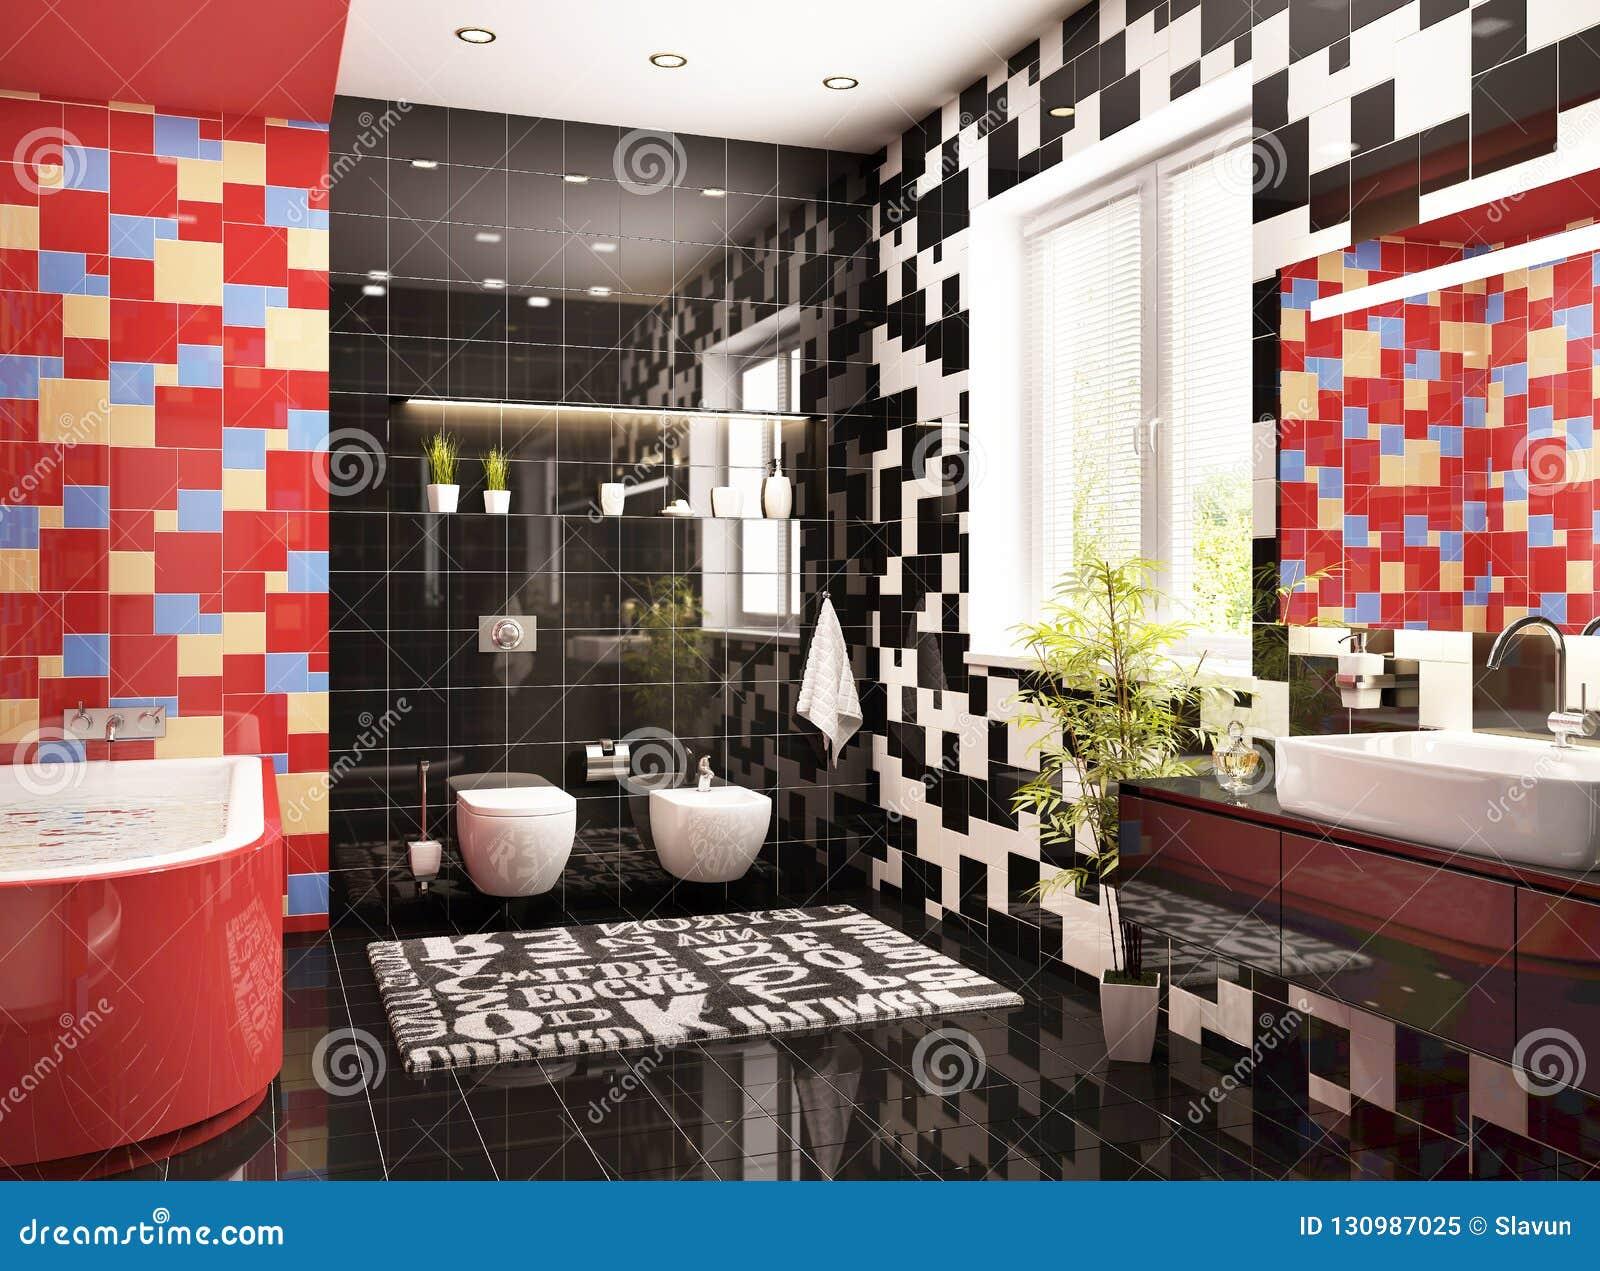 Diseño Moderno Del Cuarto De Baño Con Una Ventana Imagen de ...